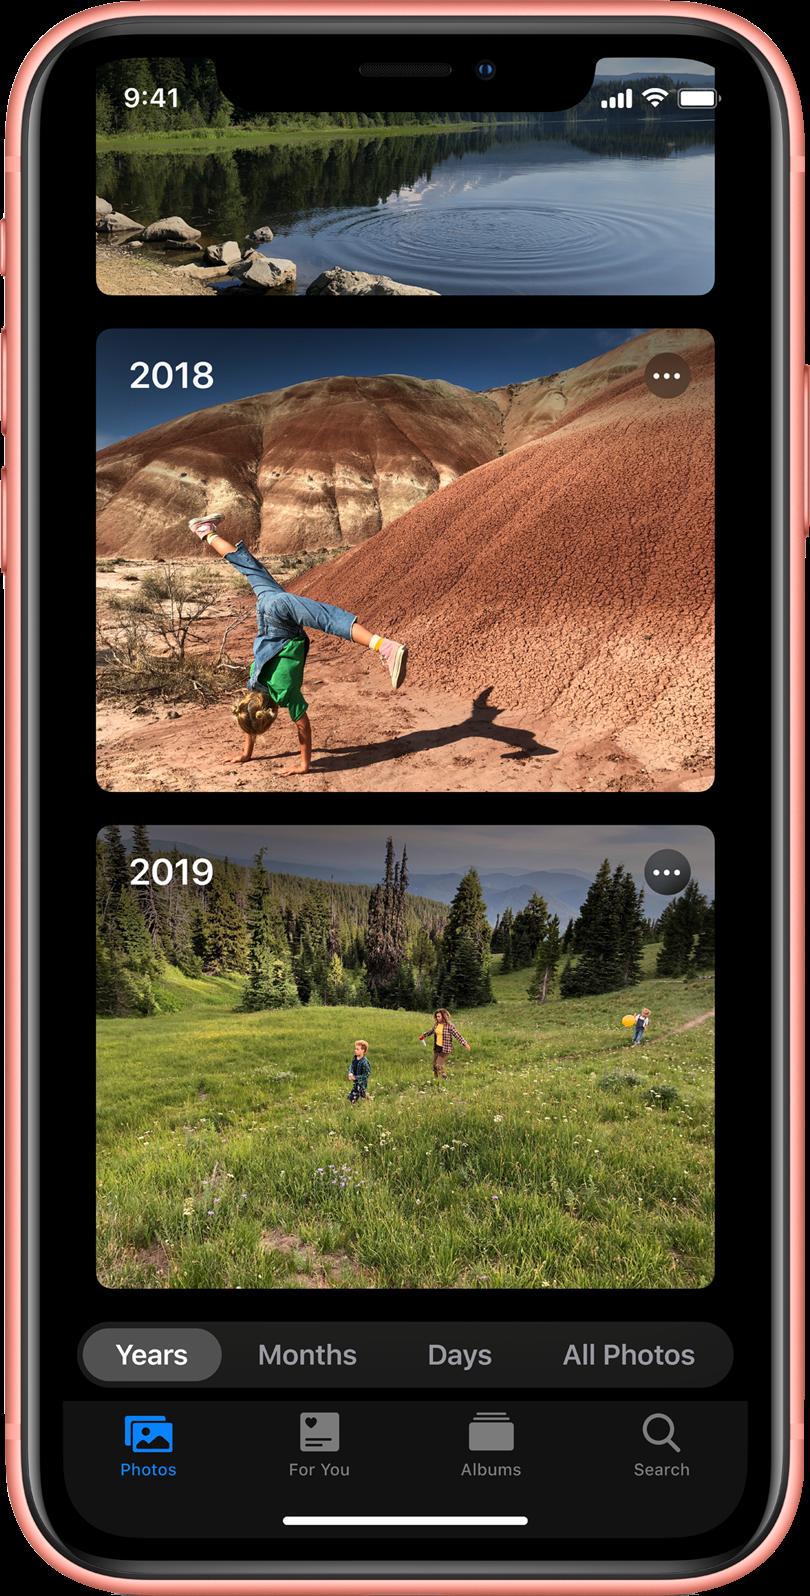 iOS 13 photo features new photos tab